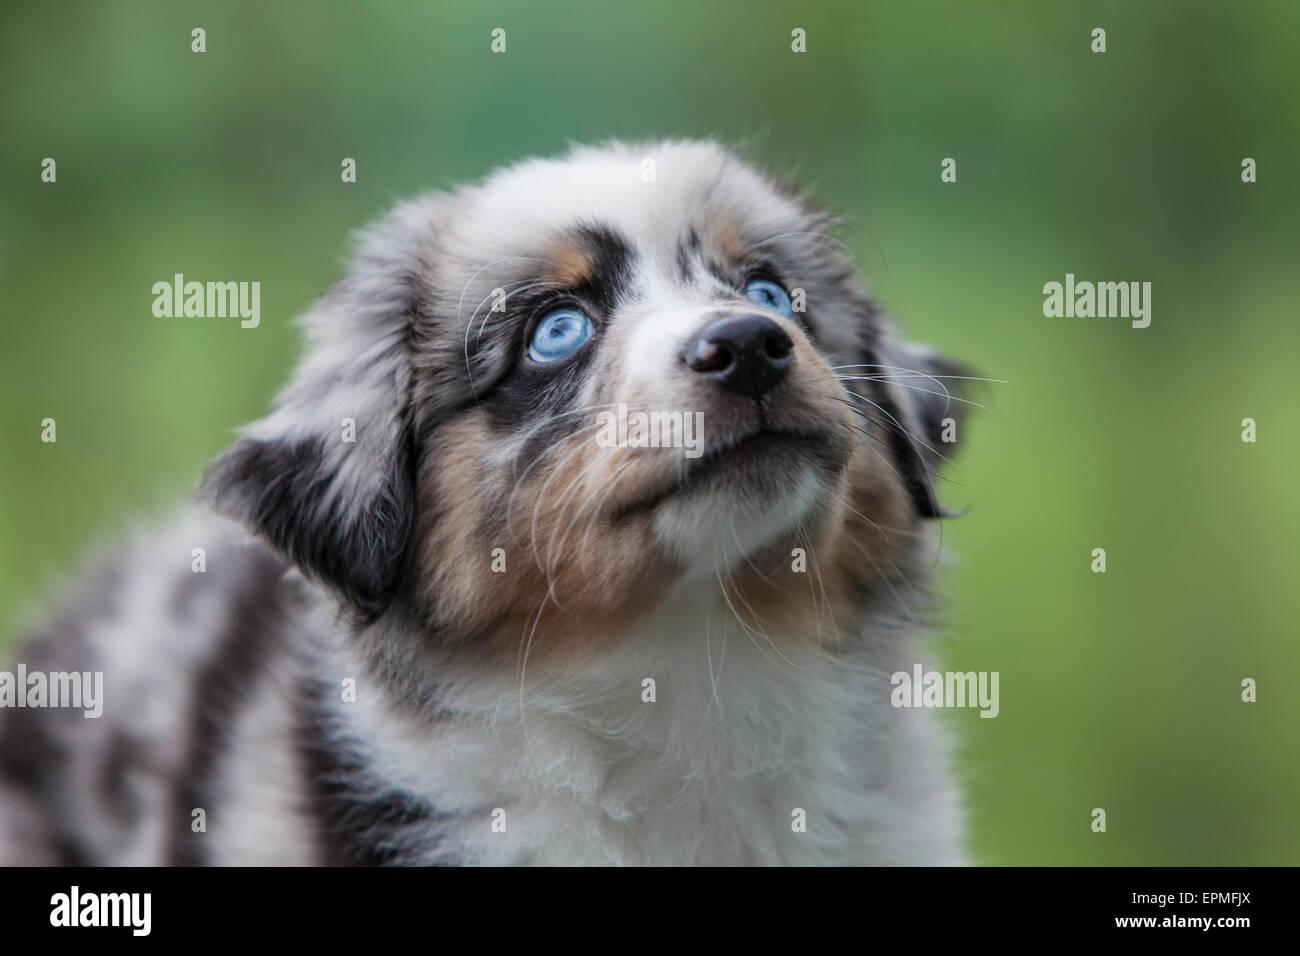 Pastore australiano cuccioli sono agili, energico e maturo nelle valutati imbrancandosi cani e leali compagni che Immagini Stock